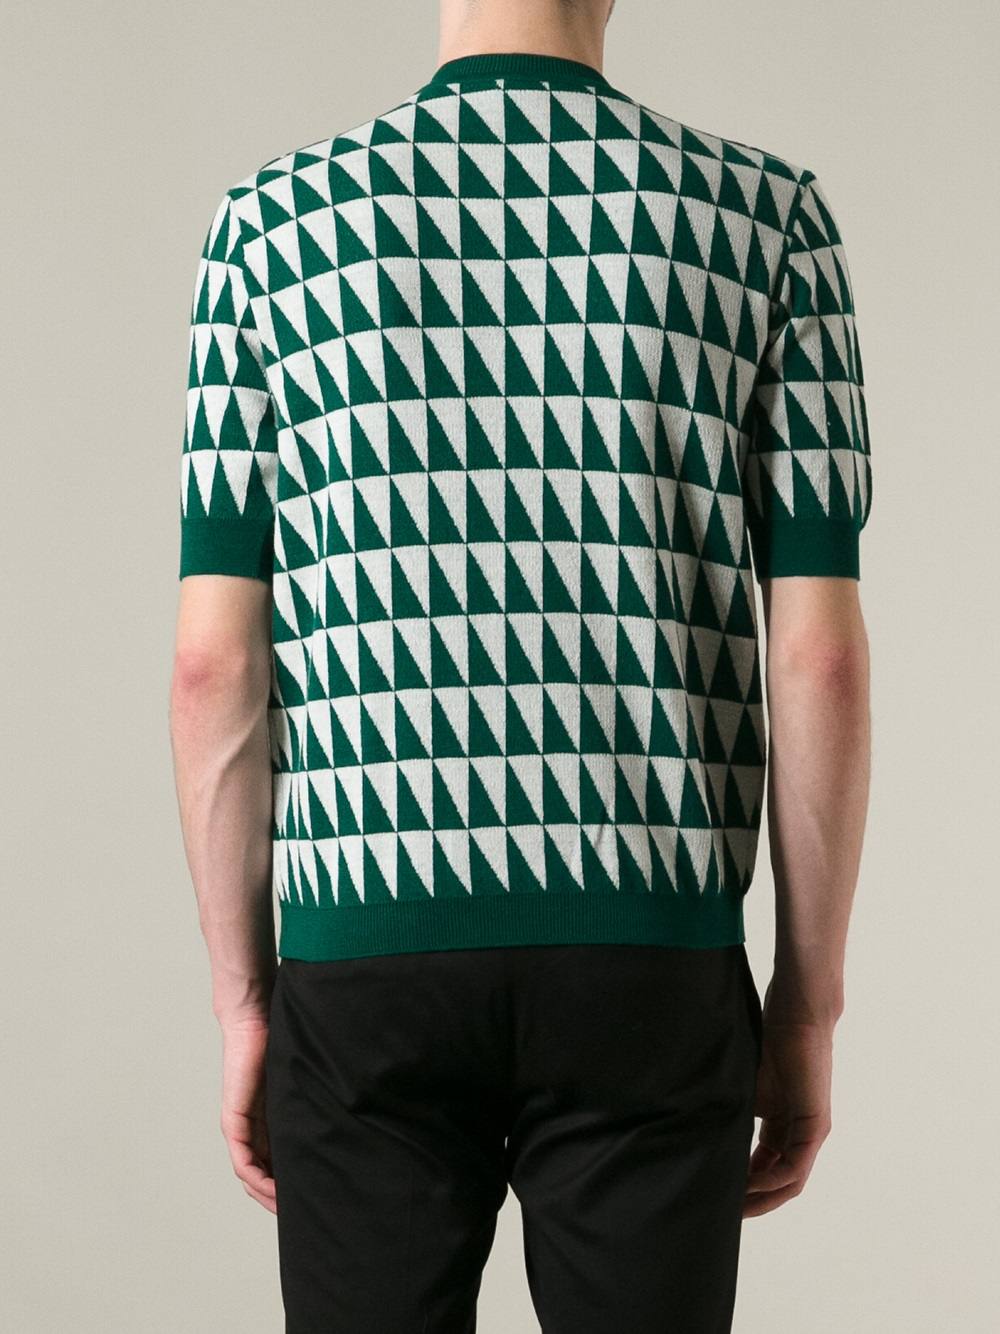 Raf simons Short Sleeve Sweater in Green for Men | Lyst